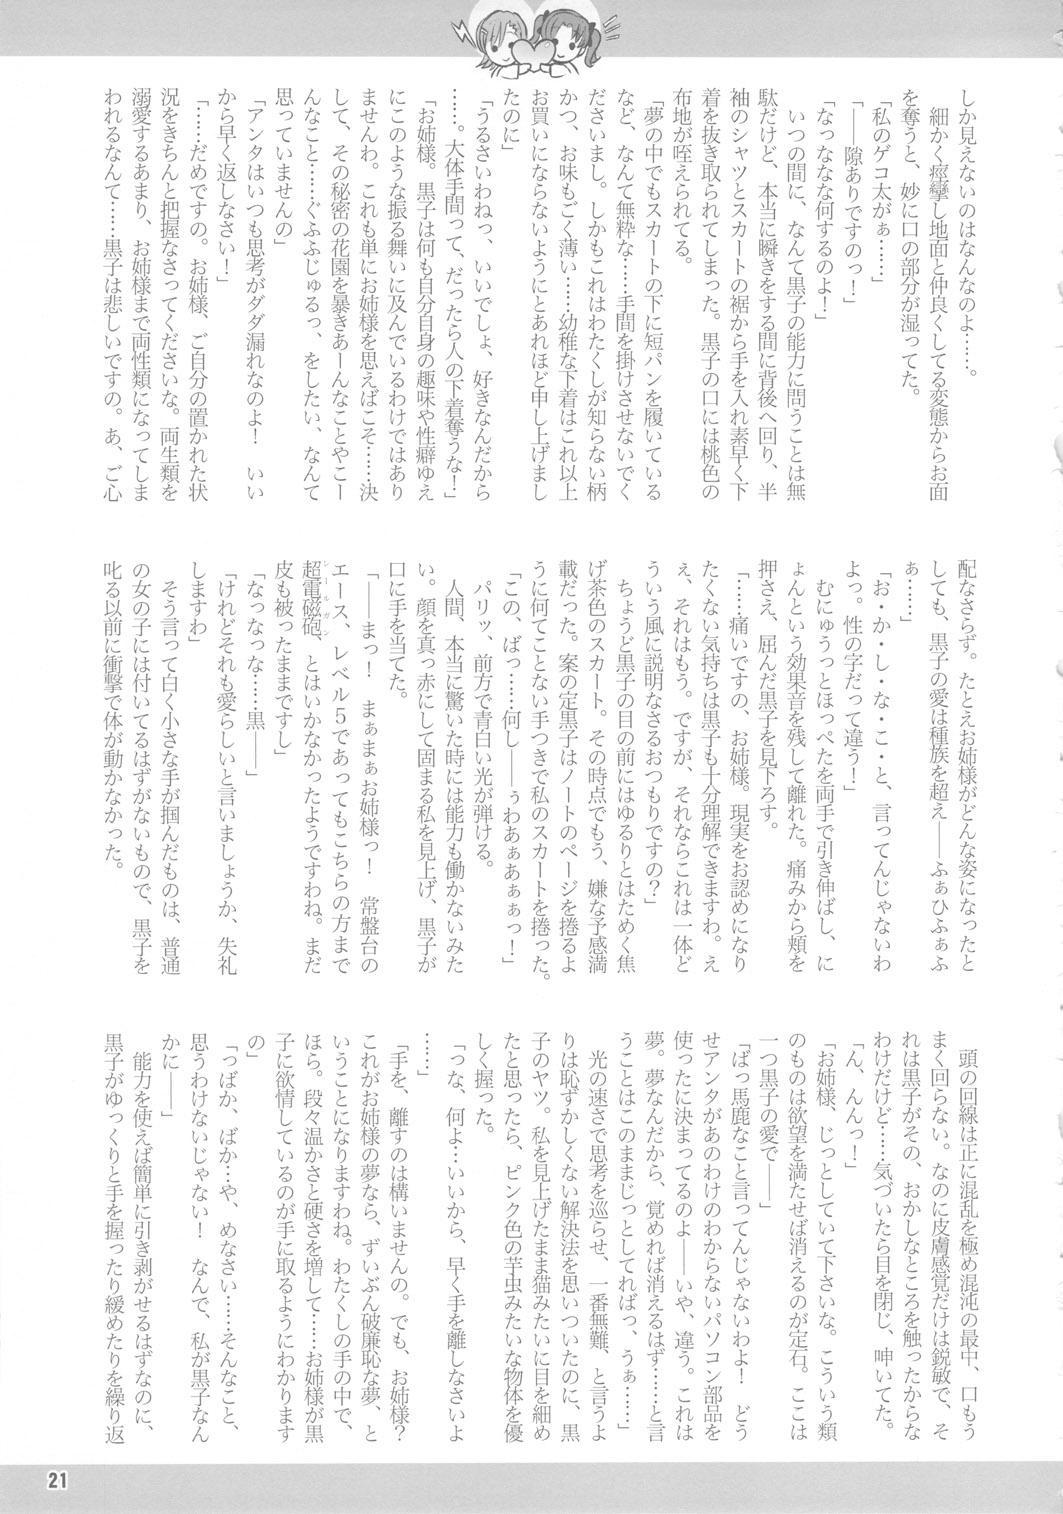 (C78) [Arsenothelus (Rebis)] Toaru Kuroko no Mikoto Kanzen Kouryaku (Toaru Kagaku no Railgun) [English] <desudesu> 19